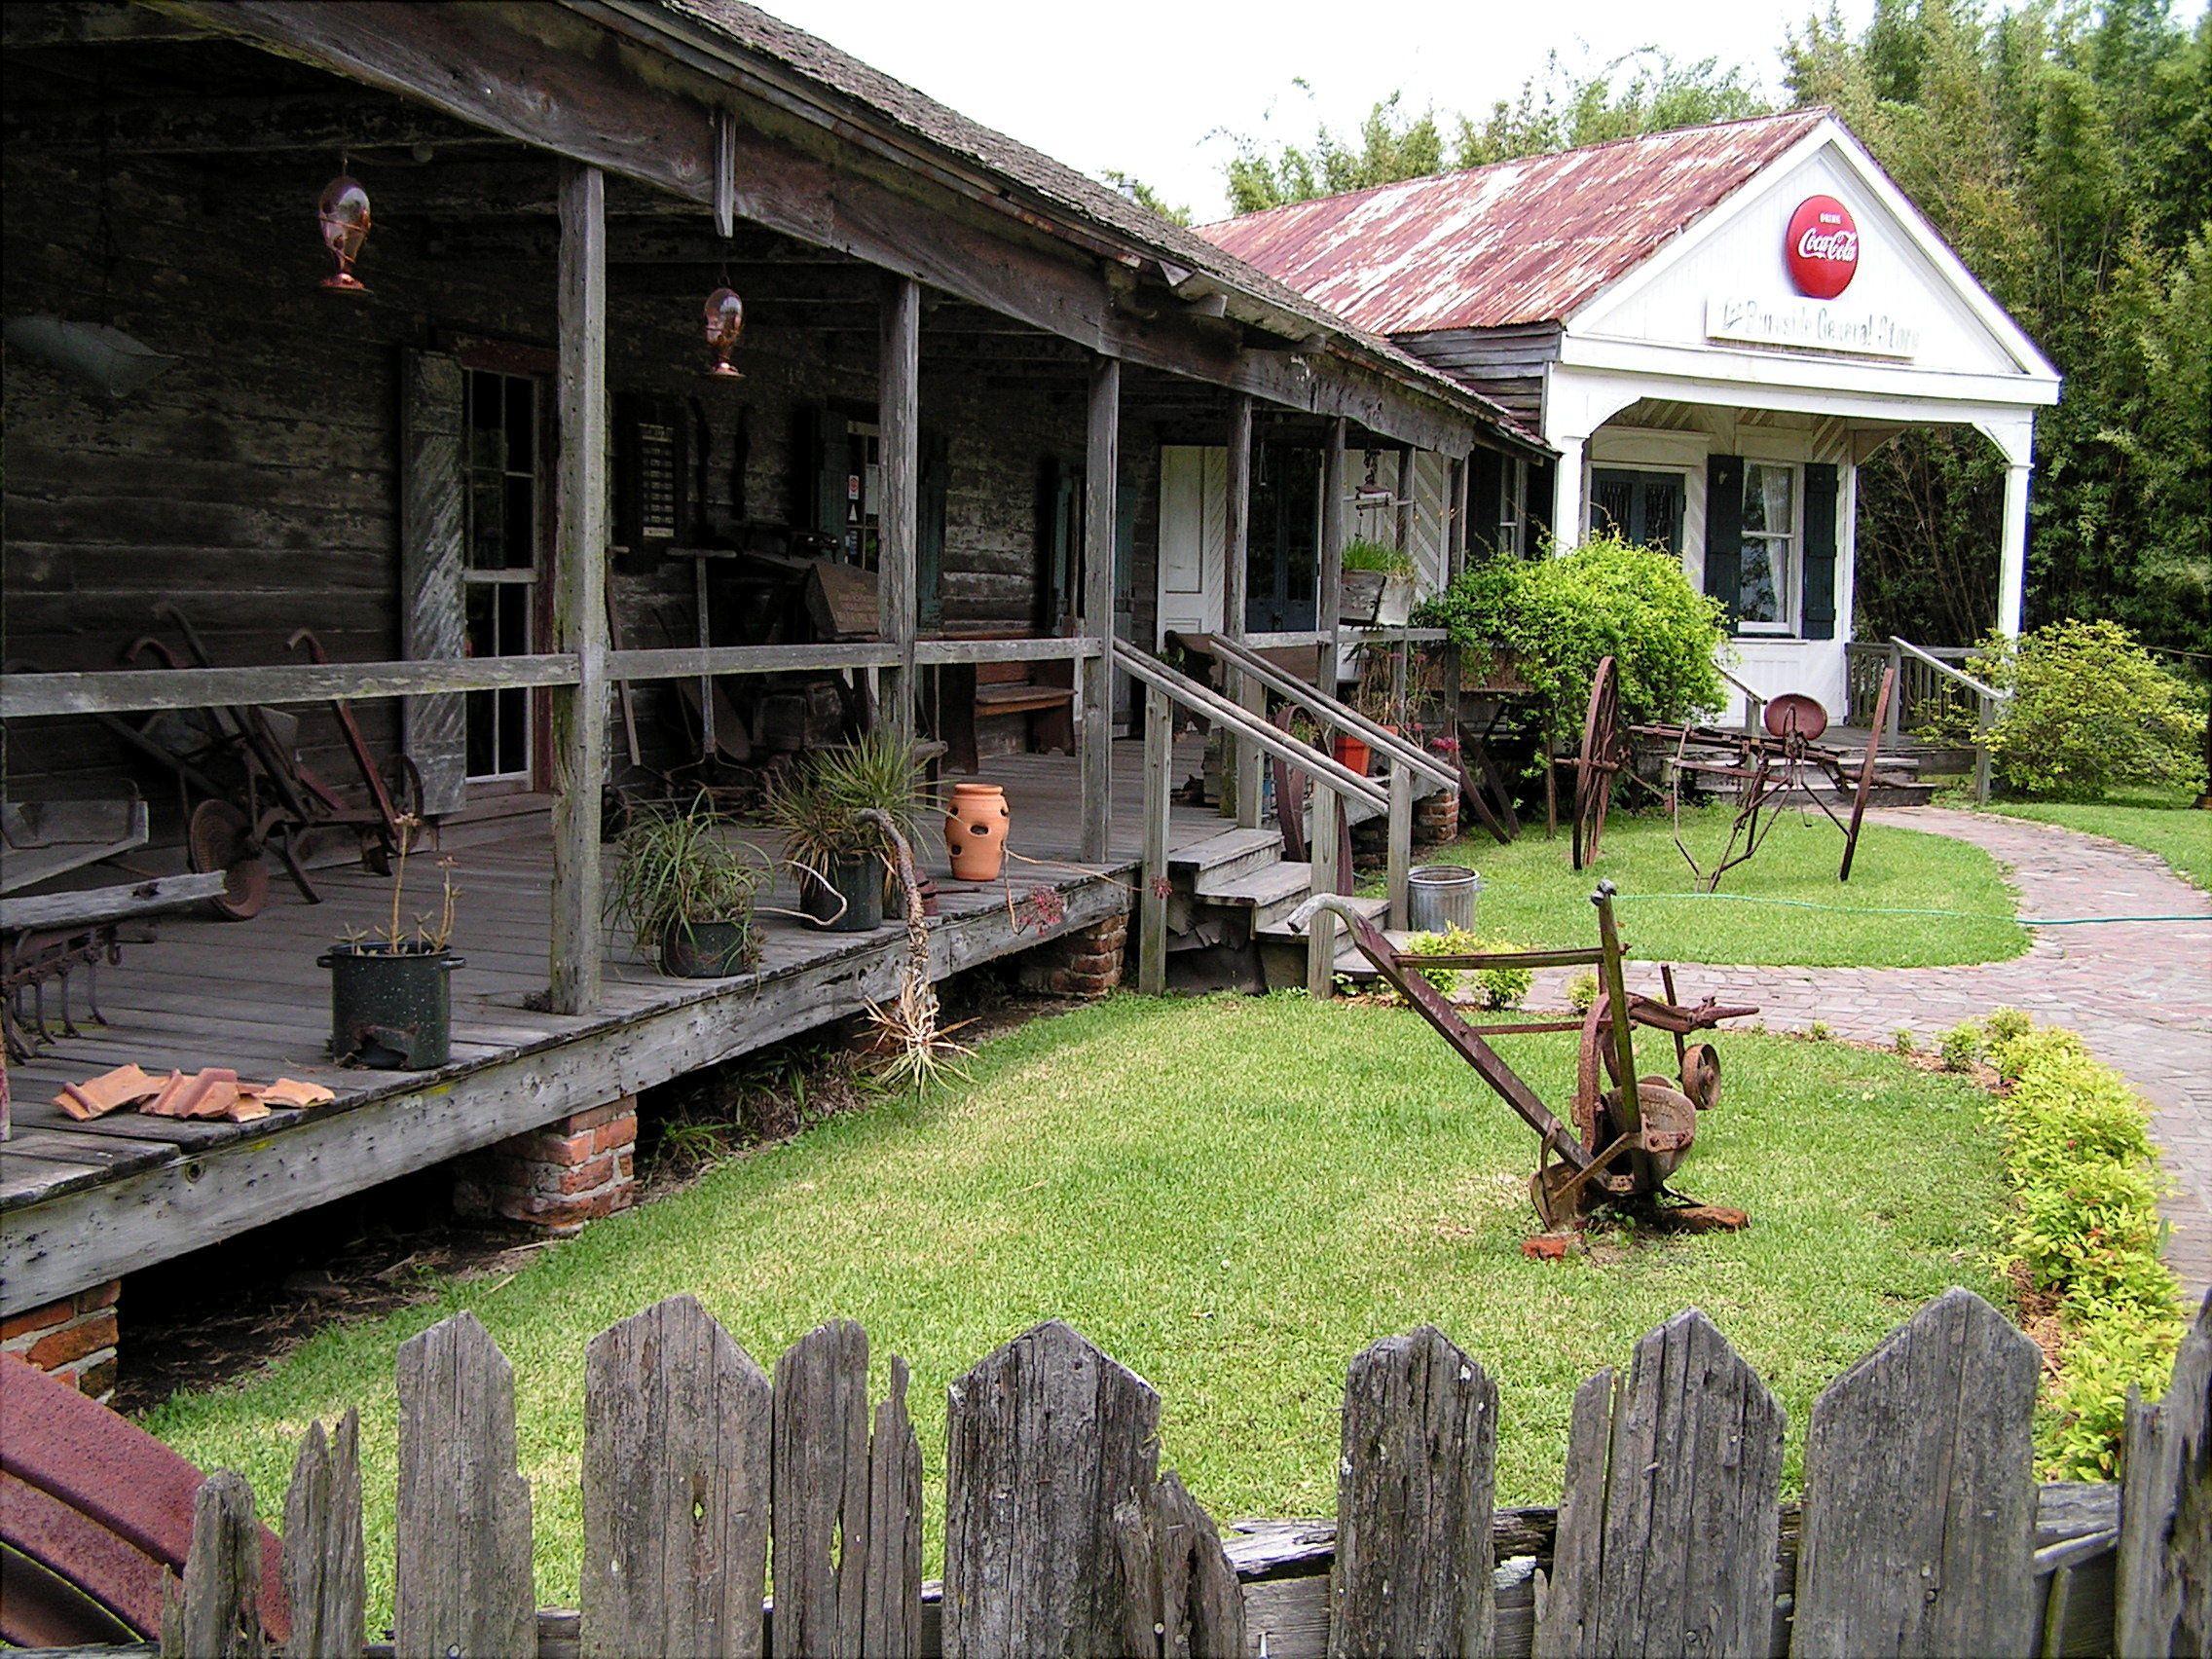 The Cajun Village Near Sorrento Louisiana Circa 2005